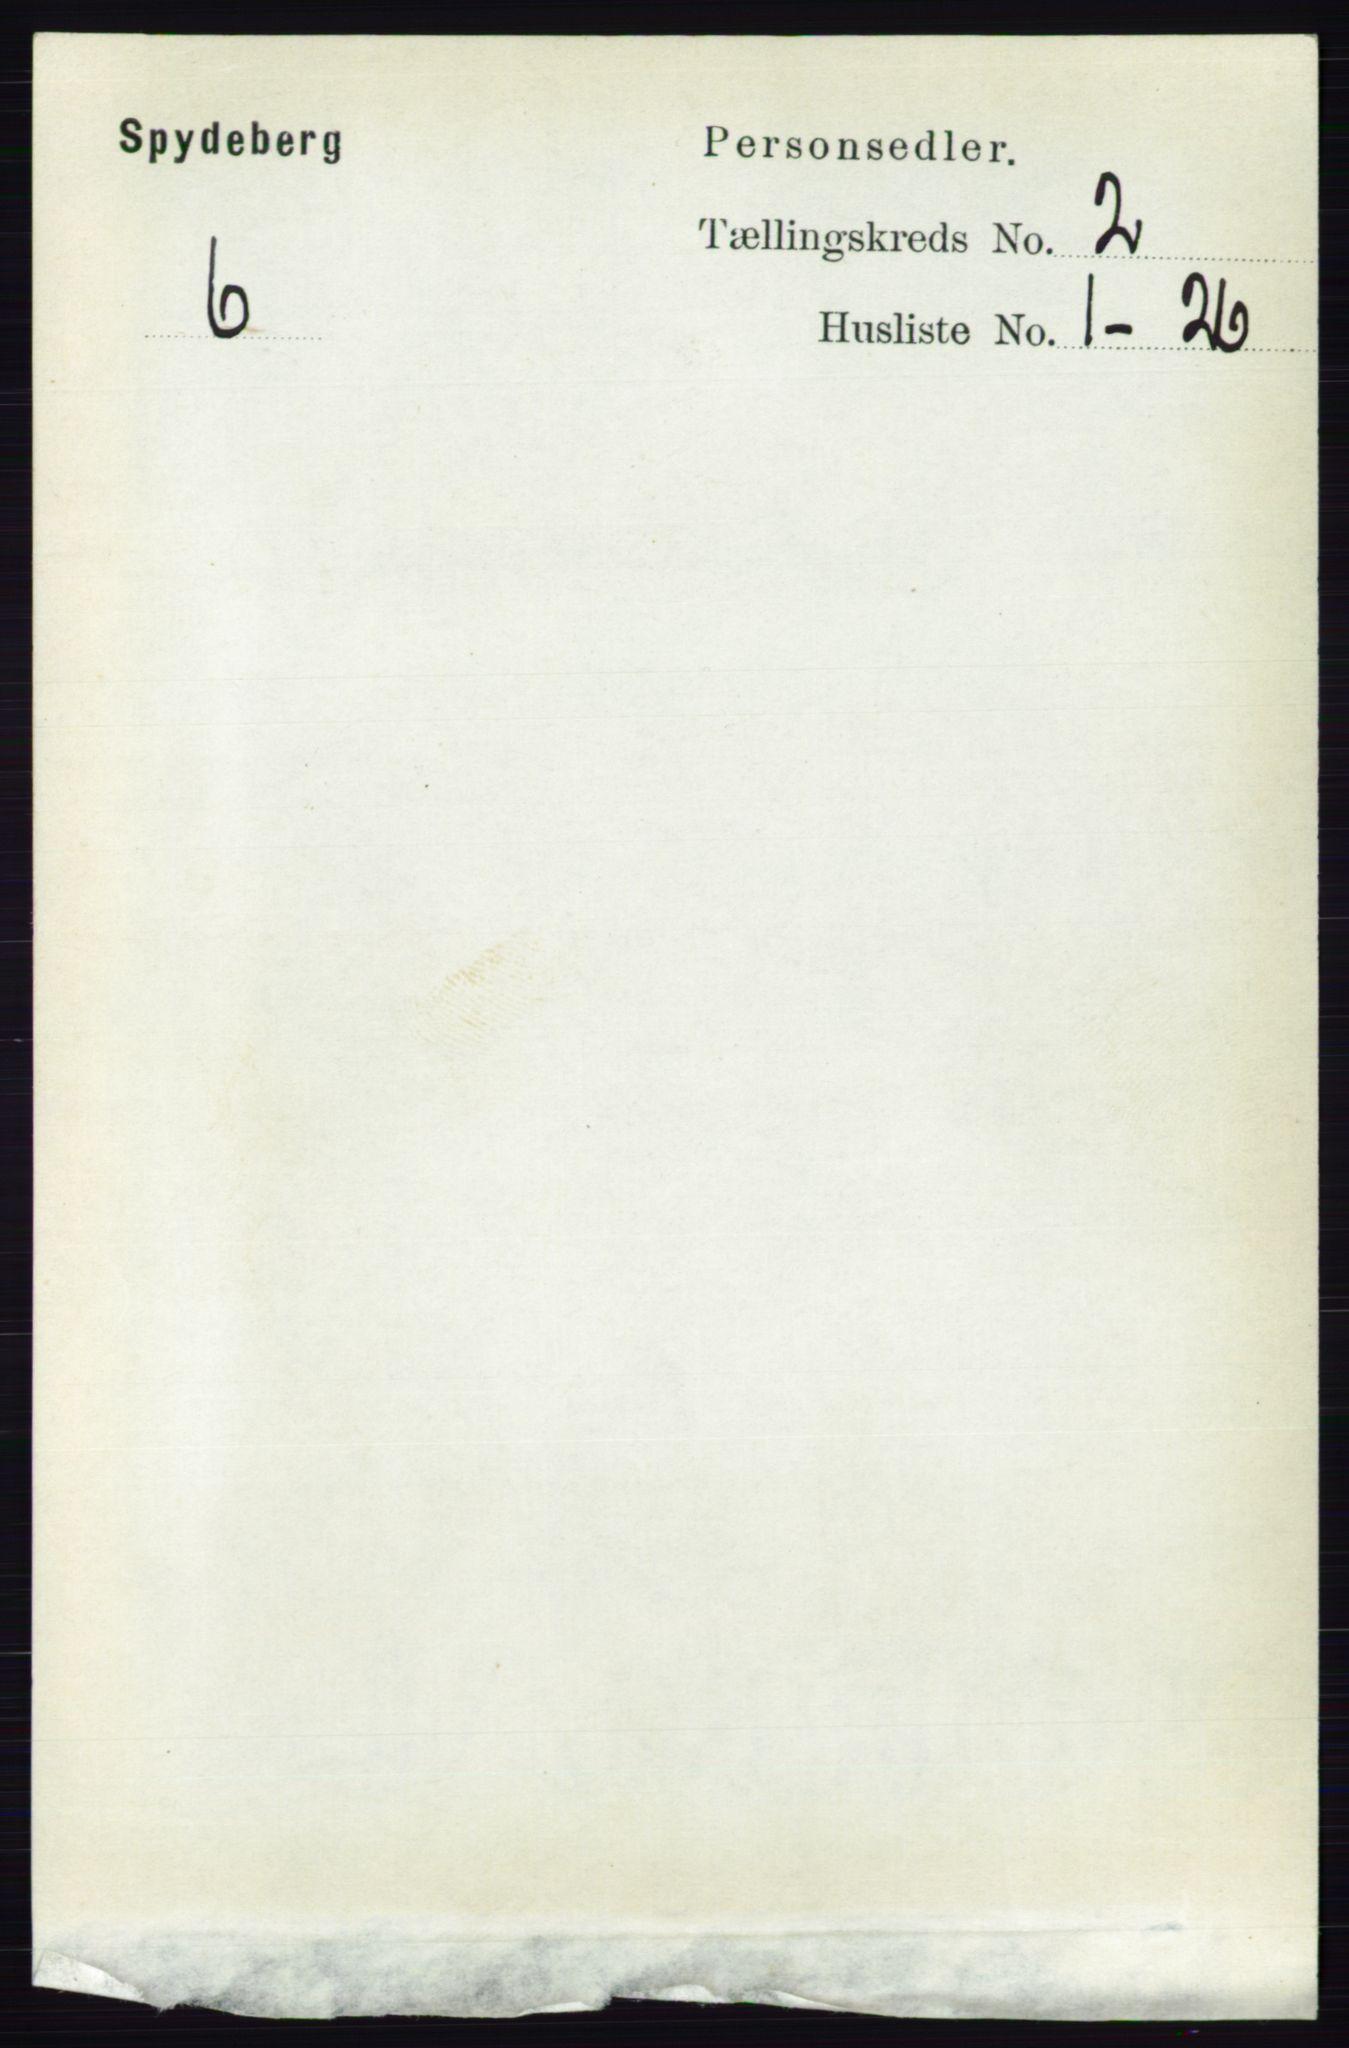 RA, Folketelling 1891 for 0123 Spydeberg herred, 1891, s. 695